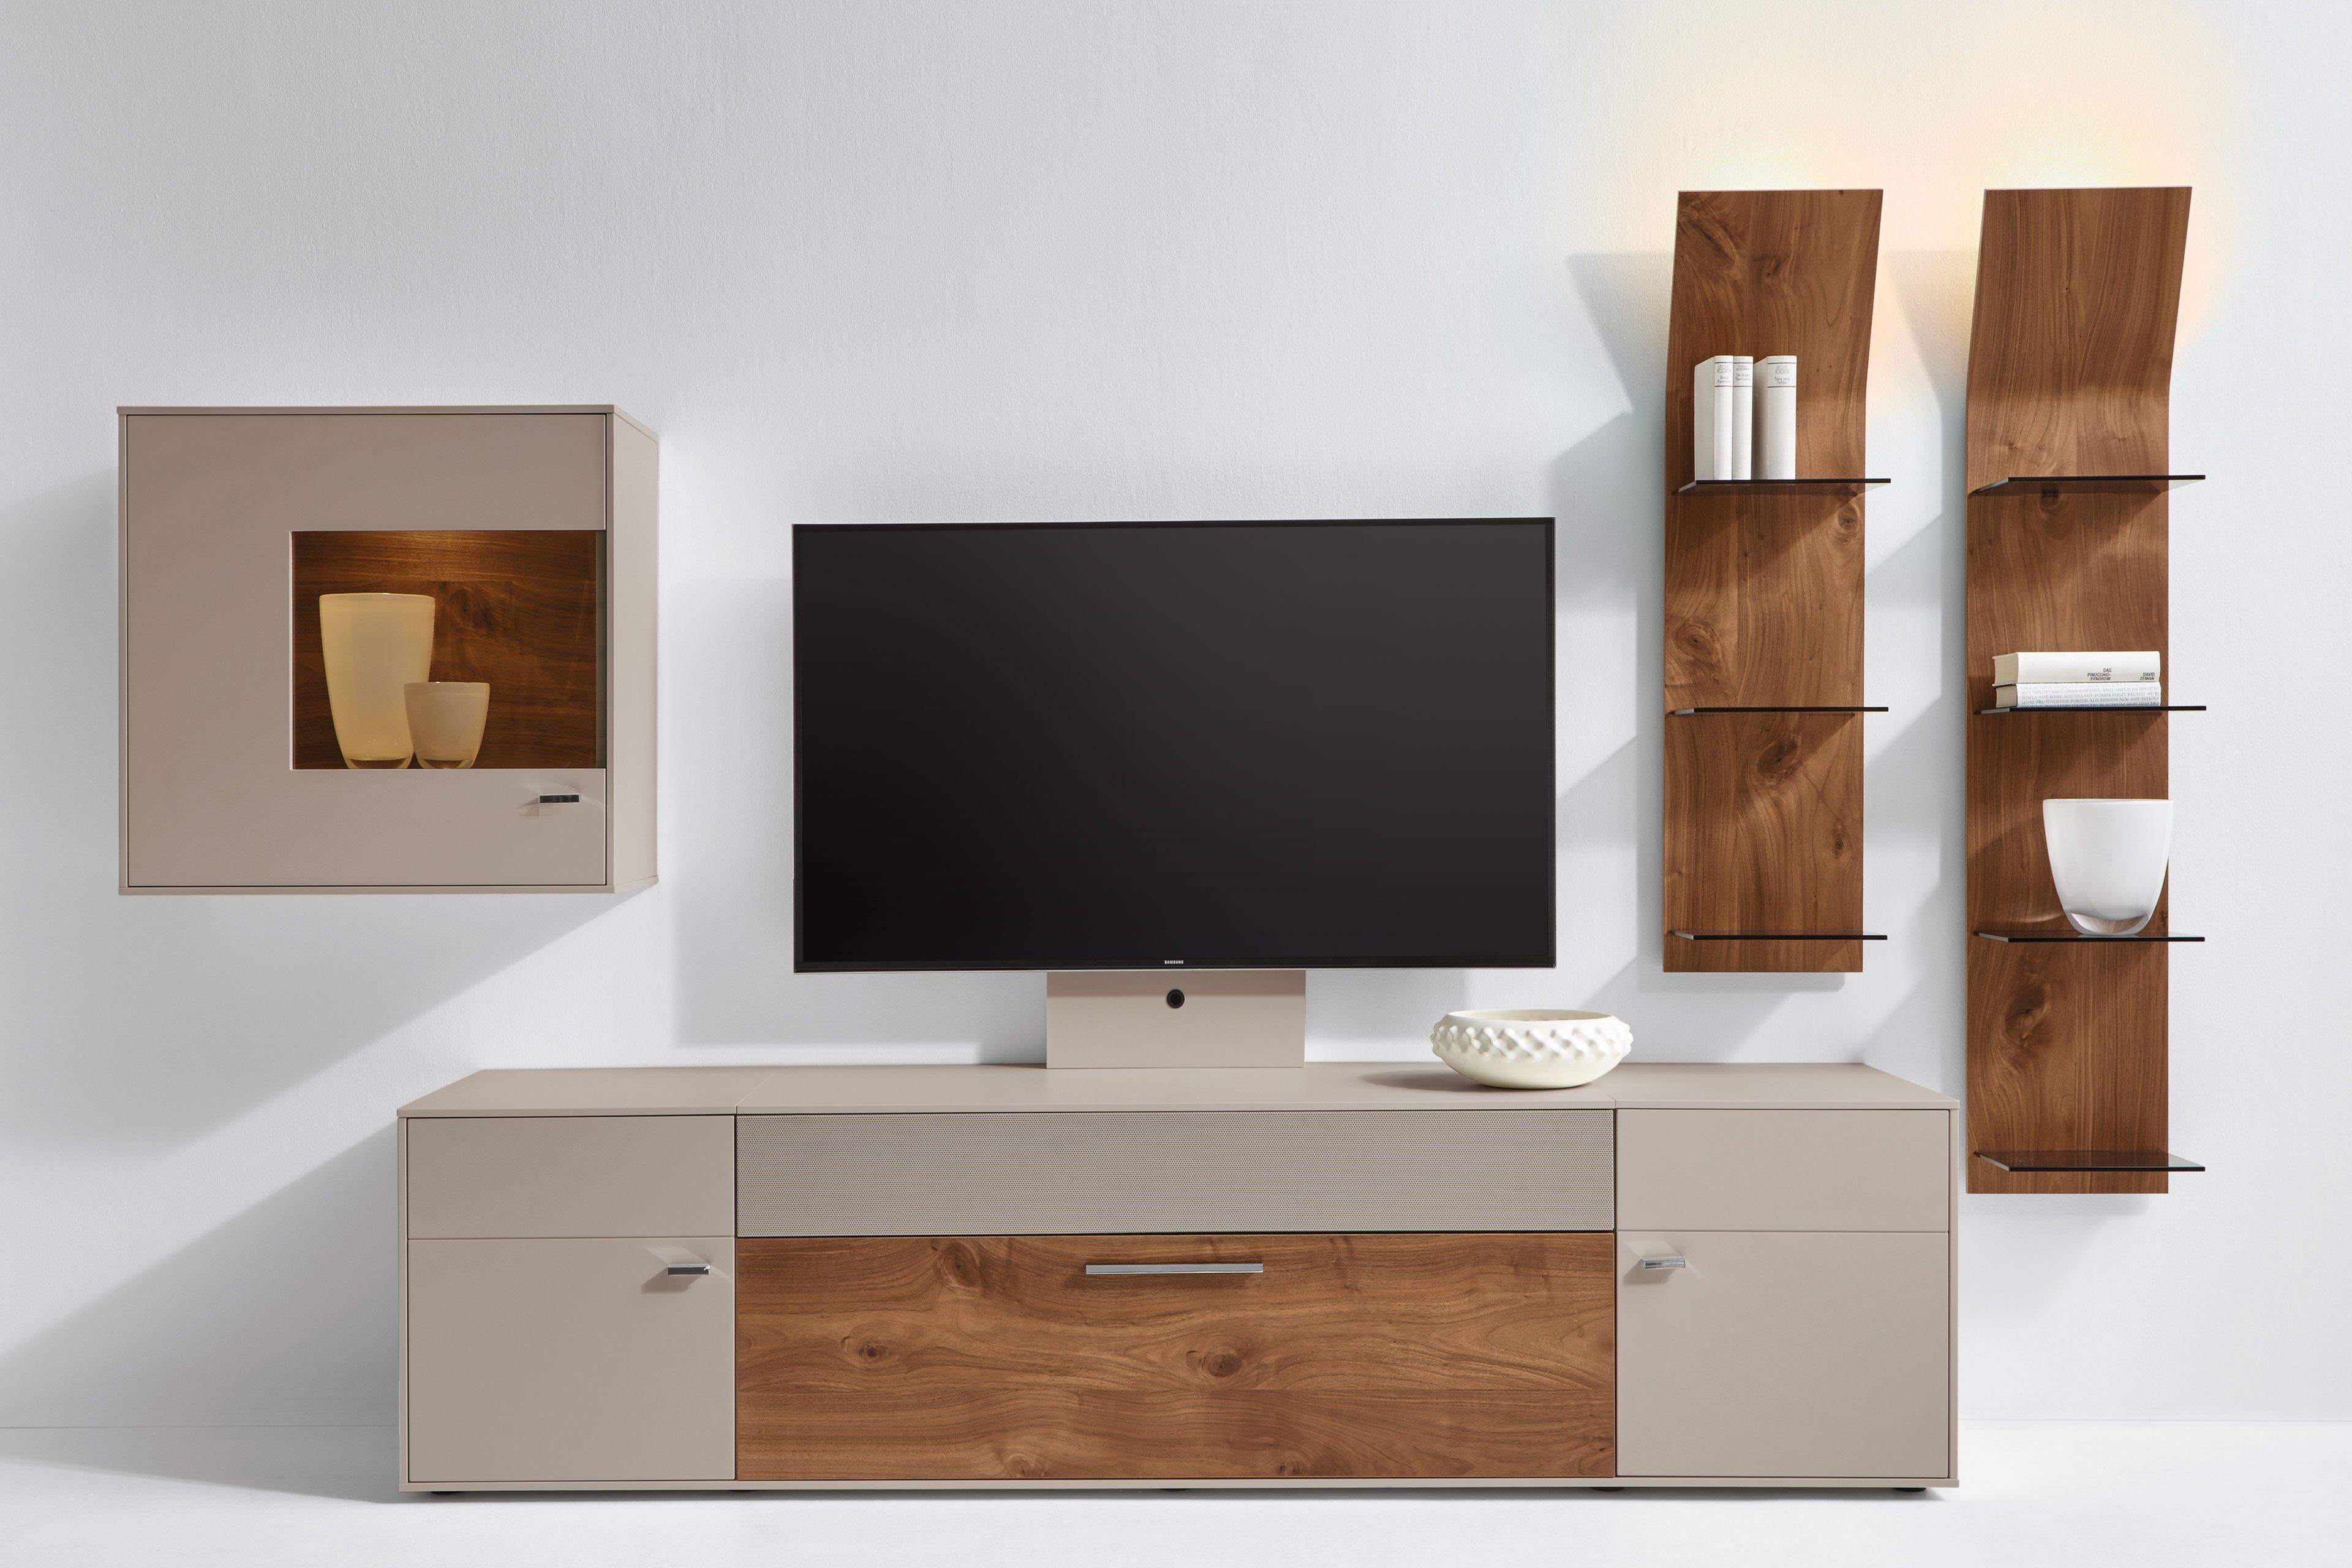 gwinner wohnwand media concept mc910 fango nussbaum m bel letz ihr online shop. Black Bedroom Furniture Sets. Home Design Ideas